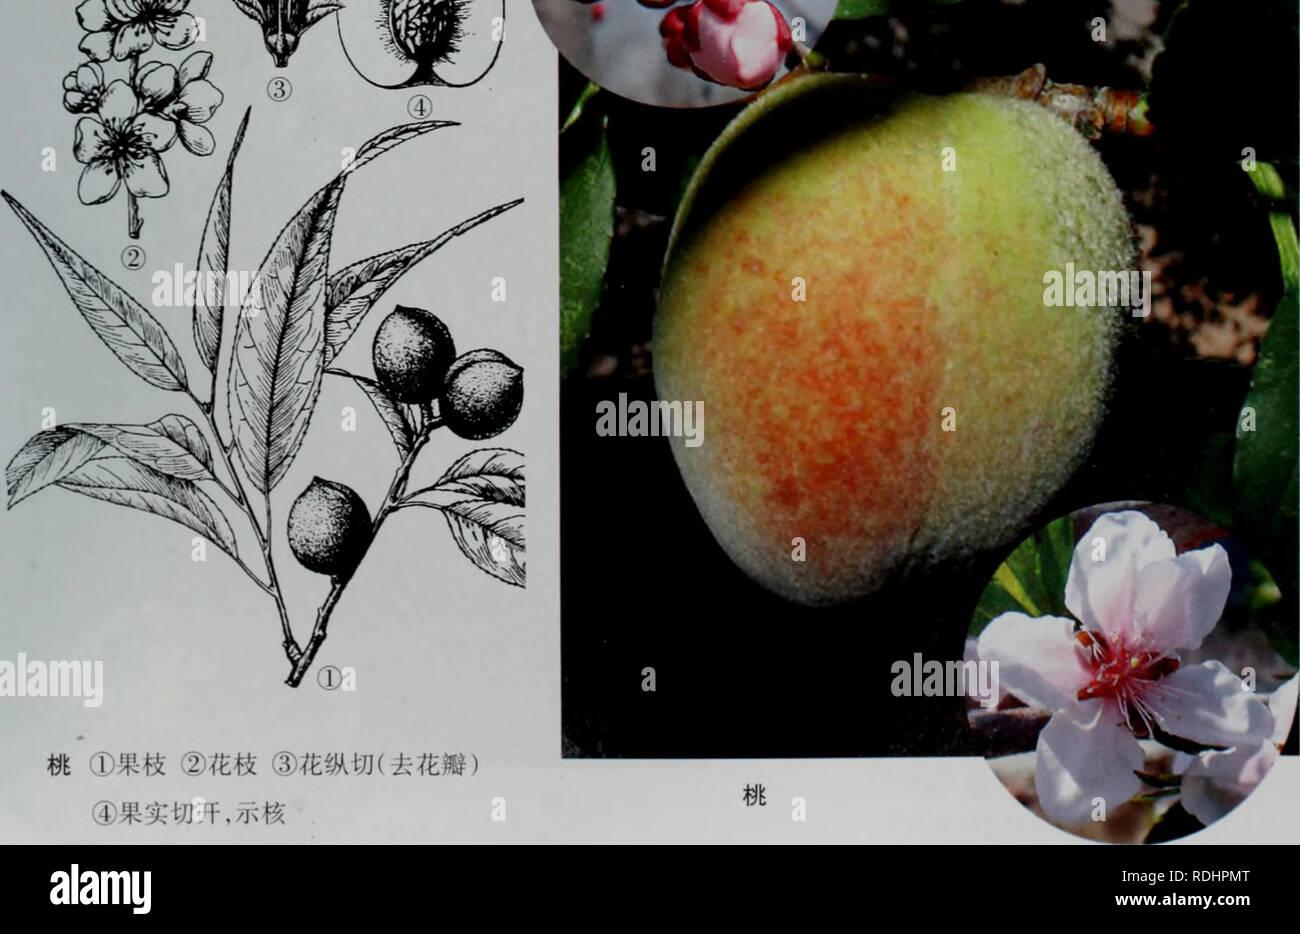 """. e er duo si zhi wu zhi. botany. 2.æ¡ Prunus persica (L.) Batsch èå Vrp<"""" å«åæ¯æ¡ãç½æ¡ å½¢æç¹å¾ä¹æ¨ï¼é«4-8mãæ ç®æè¤è²ãå¶æ«éå½¢ææ¤-åç¶æ«éå½¢ï¼é¿5-12cmï¼å®½ 1.5-4cm ï¼å 端é¿æ¸å°ï¼åºé¨å®½æ¥å½¢ï¼è¾¹ç¼æç»é¯é½¿ï¼è±åçï¼ç´å¾2.5-3.5cm ï¼å å¶å¼æ¾ï¼è¼ç- éç¶ï¼é¿çº¦6mm ï¼è¼çç©åå½¢ï¼é¿çº¦5mm;è±ç£ç²çº¢è²æç½è²ï¼å®½ååµå½¢ï¼é¿12-15nmi ï¼åºé¨ æç-çªï¼éèå¤æ°ï¼é¿ç-ä¸ä¸ï¼å-æ¿è¢«ææ¯ï¼è±æ±é¡¶çãæ ¸æè¿çå½¢ï¼ç´å¾5-7cm ï¼ææ´å¤§ï¼è¢« ç-ææ¯ï¼æèèè´¨ï¼è¥åï¼å¤æ±ï¼ææ ¸æ¤-åå½¢ï¼é¿2.5-3cmï¼é¡¶ç«¯æå°å¤´ï¼è¡¨é¢æ弯æ²æ²æ§½ãè± æ5æï¼ææ7-8æã çå¢åå¸å¼ç§æ ½å¹ææ ï¼åç§æï¼äºæé²æ¡ãå¤§ä¹ ä¿æ¡ãå²å±±ç½æ¡ãé»éæ¡ç-ãå¨å°æ°å æ¡ä»¶ç¹å«å¥½çå - Stock Image"""